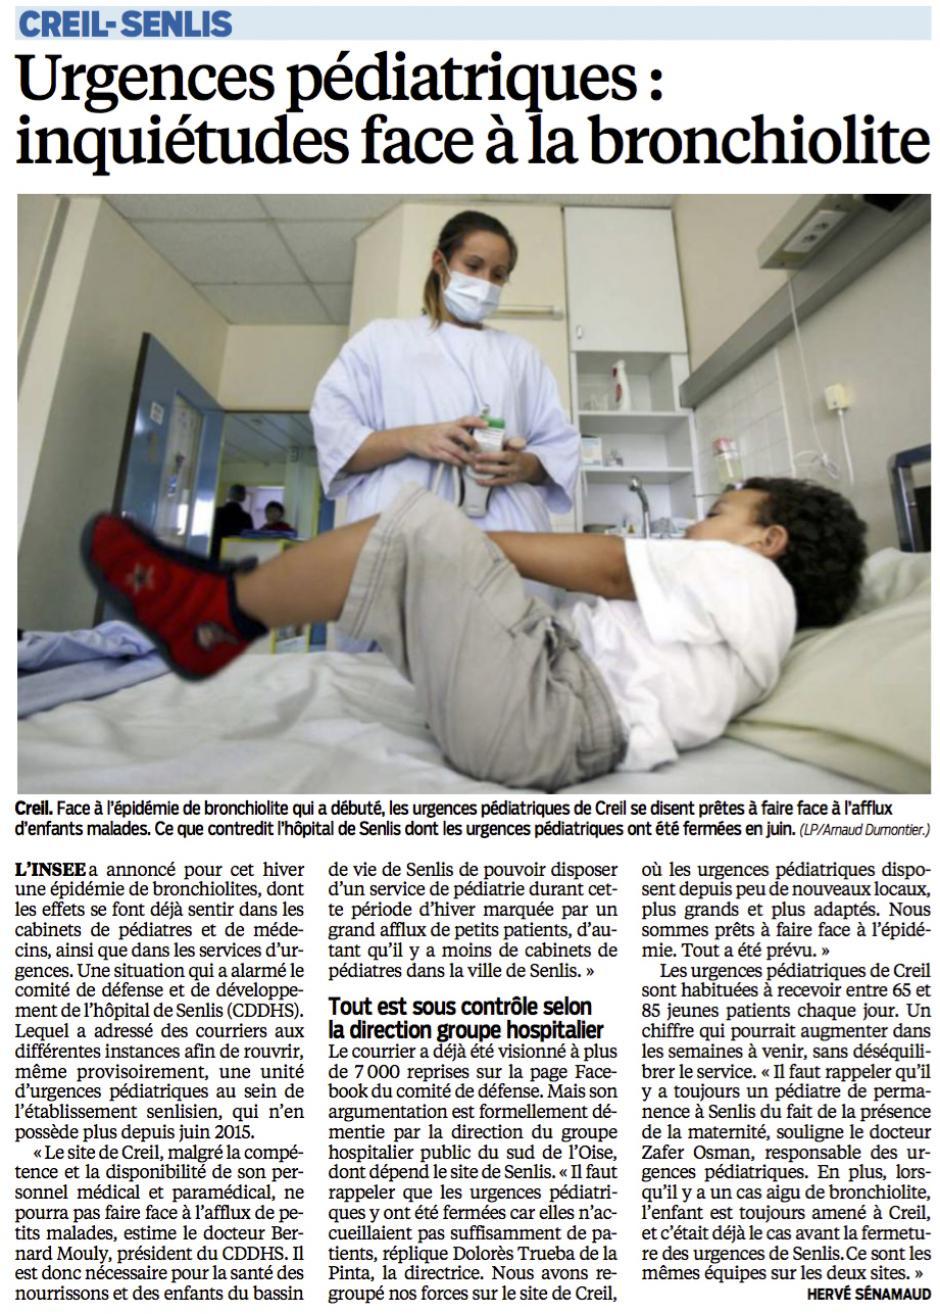 20151216-LeP-Creil-Senlis-Urgences pédiatriques : inquiétudes face à la bronchiolite